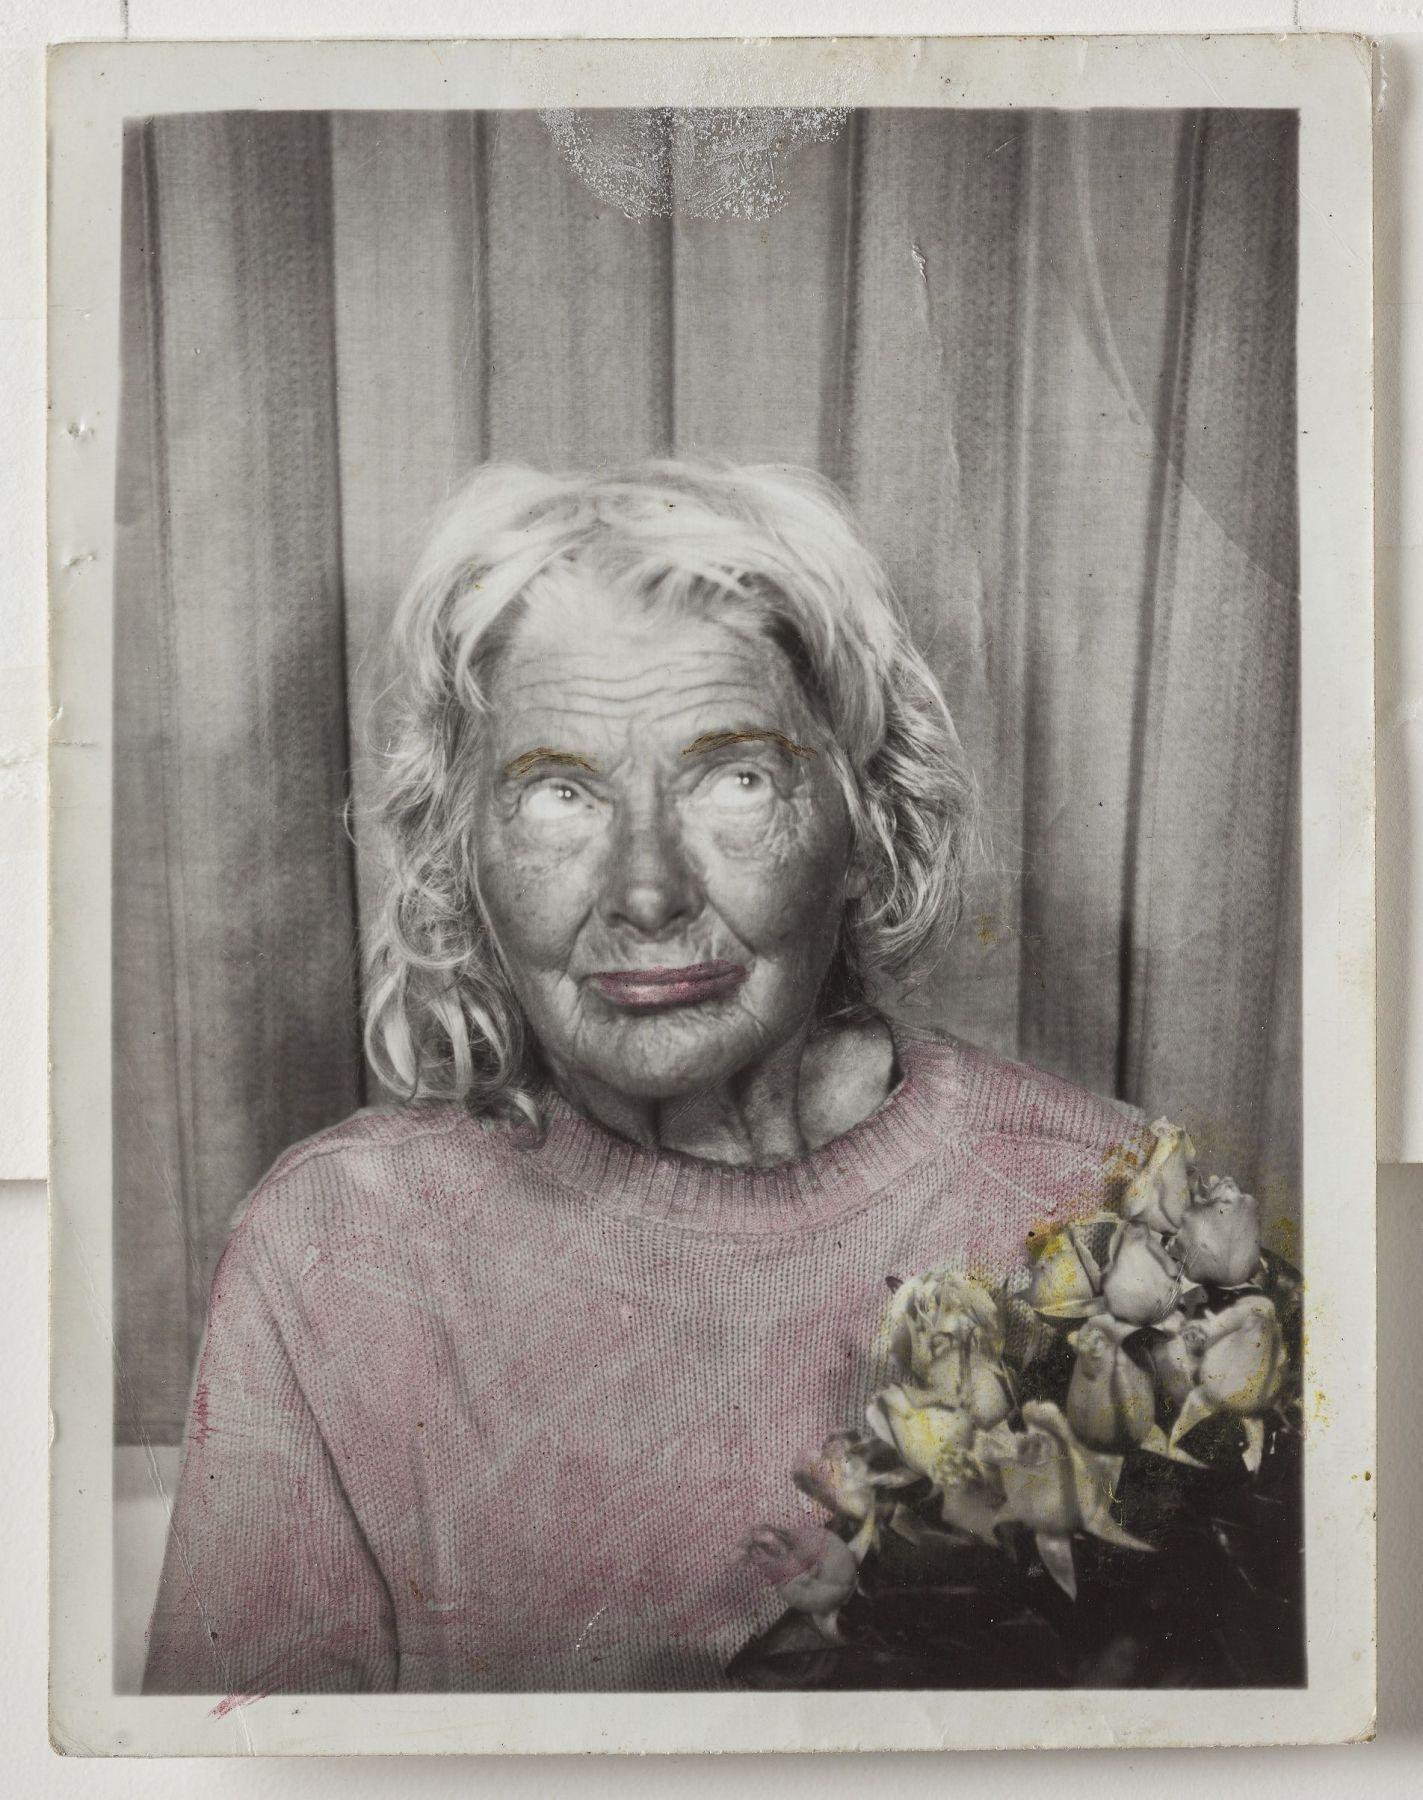 Lee Godie Untitled (12 photobooth self-portraits, detail), n.d.